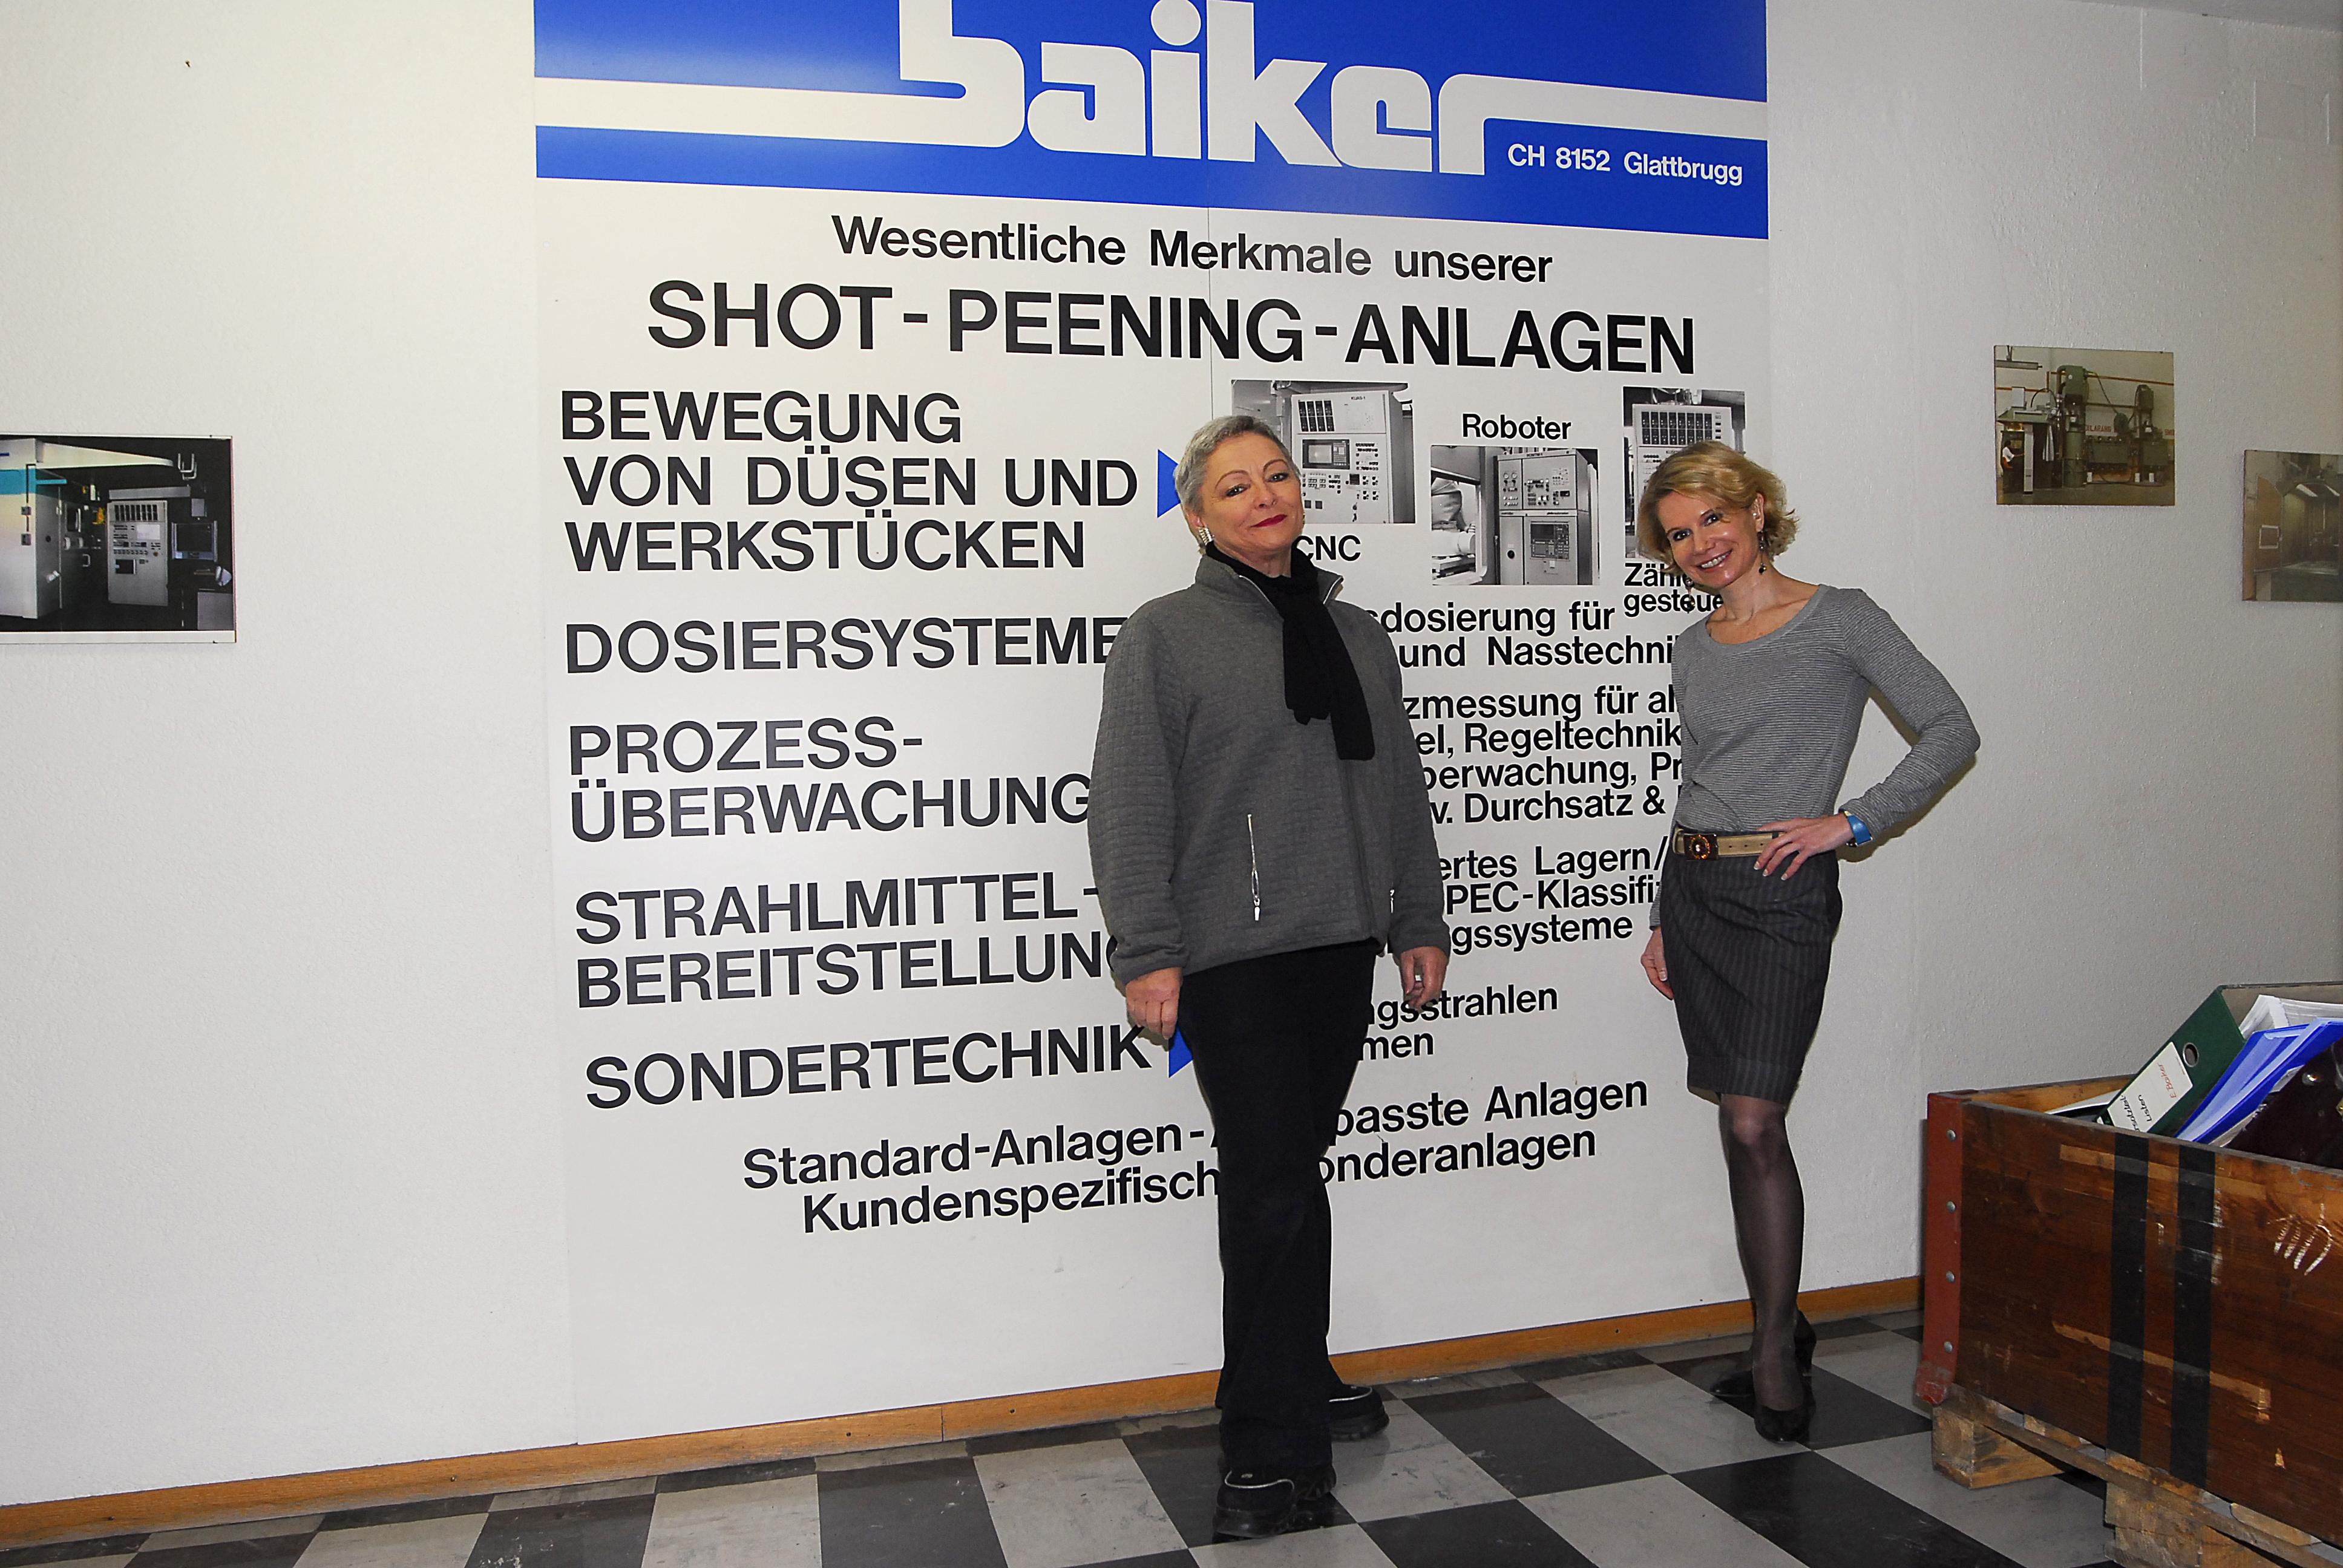 Schliessung Baiker AG